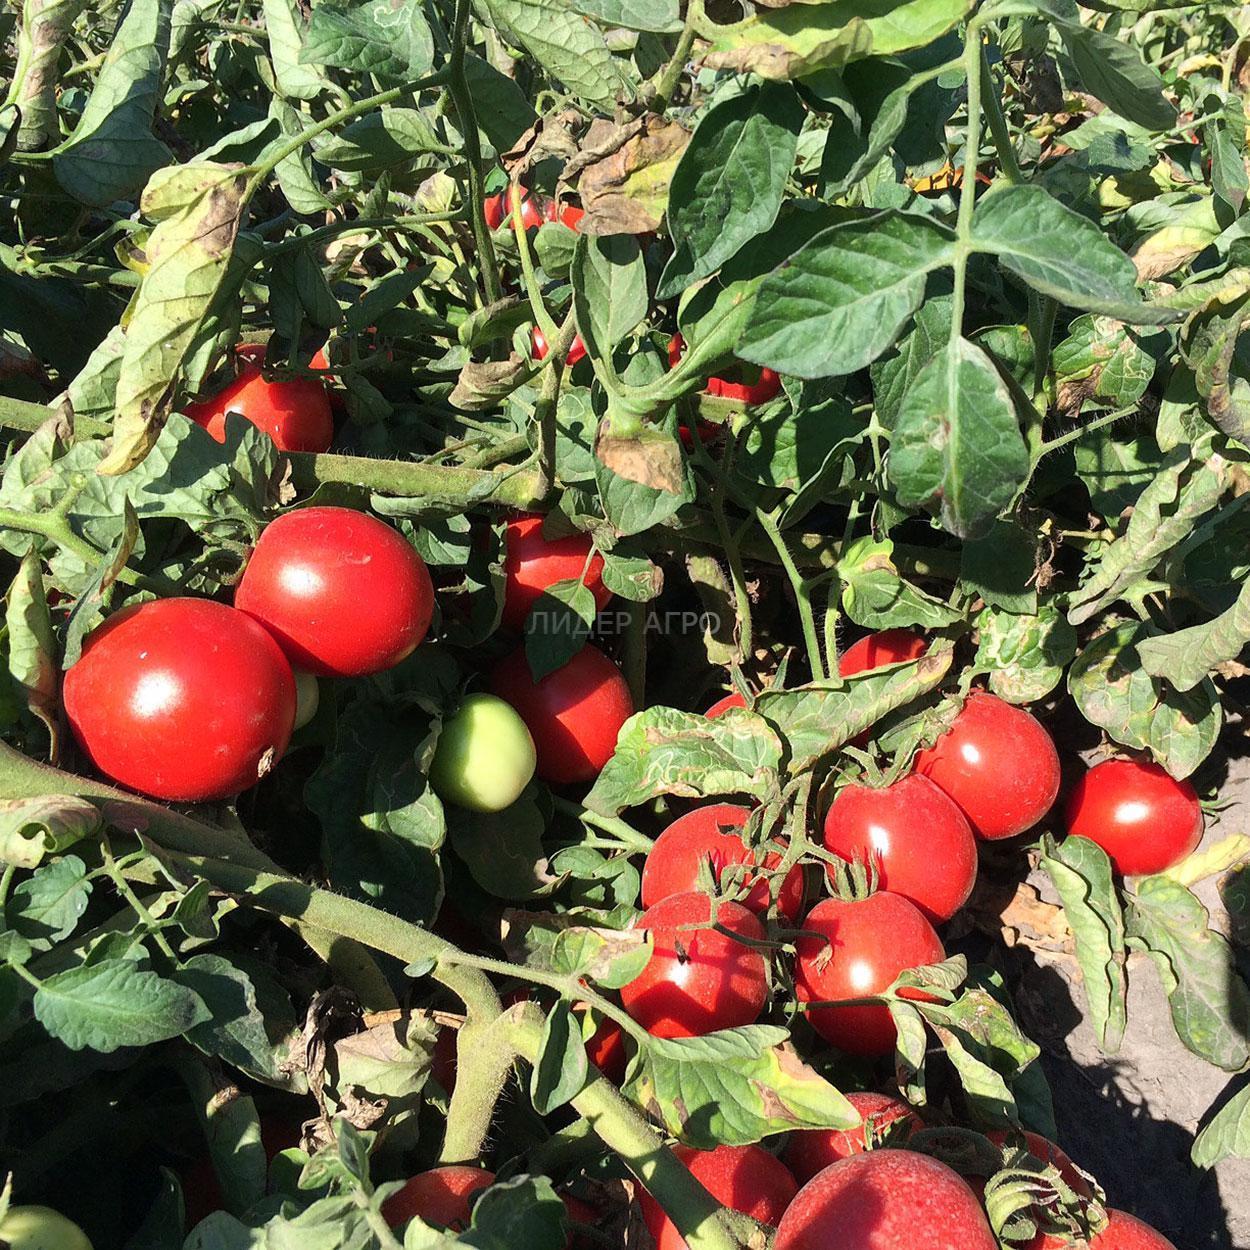 Томат солероссо (f1): характеристика и описание сорта помидоров, отзывы огородников и фото полученного урожая